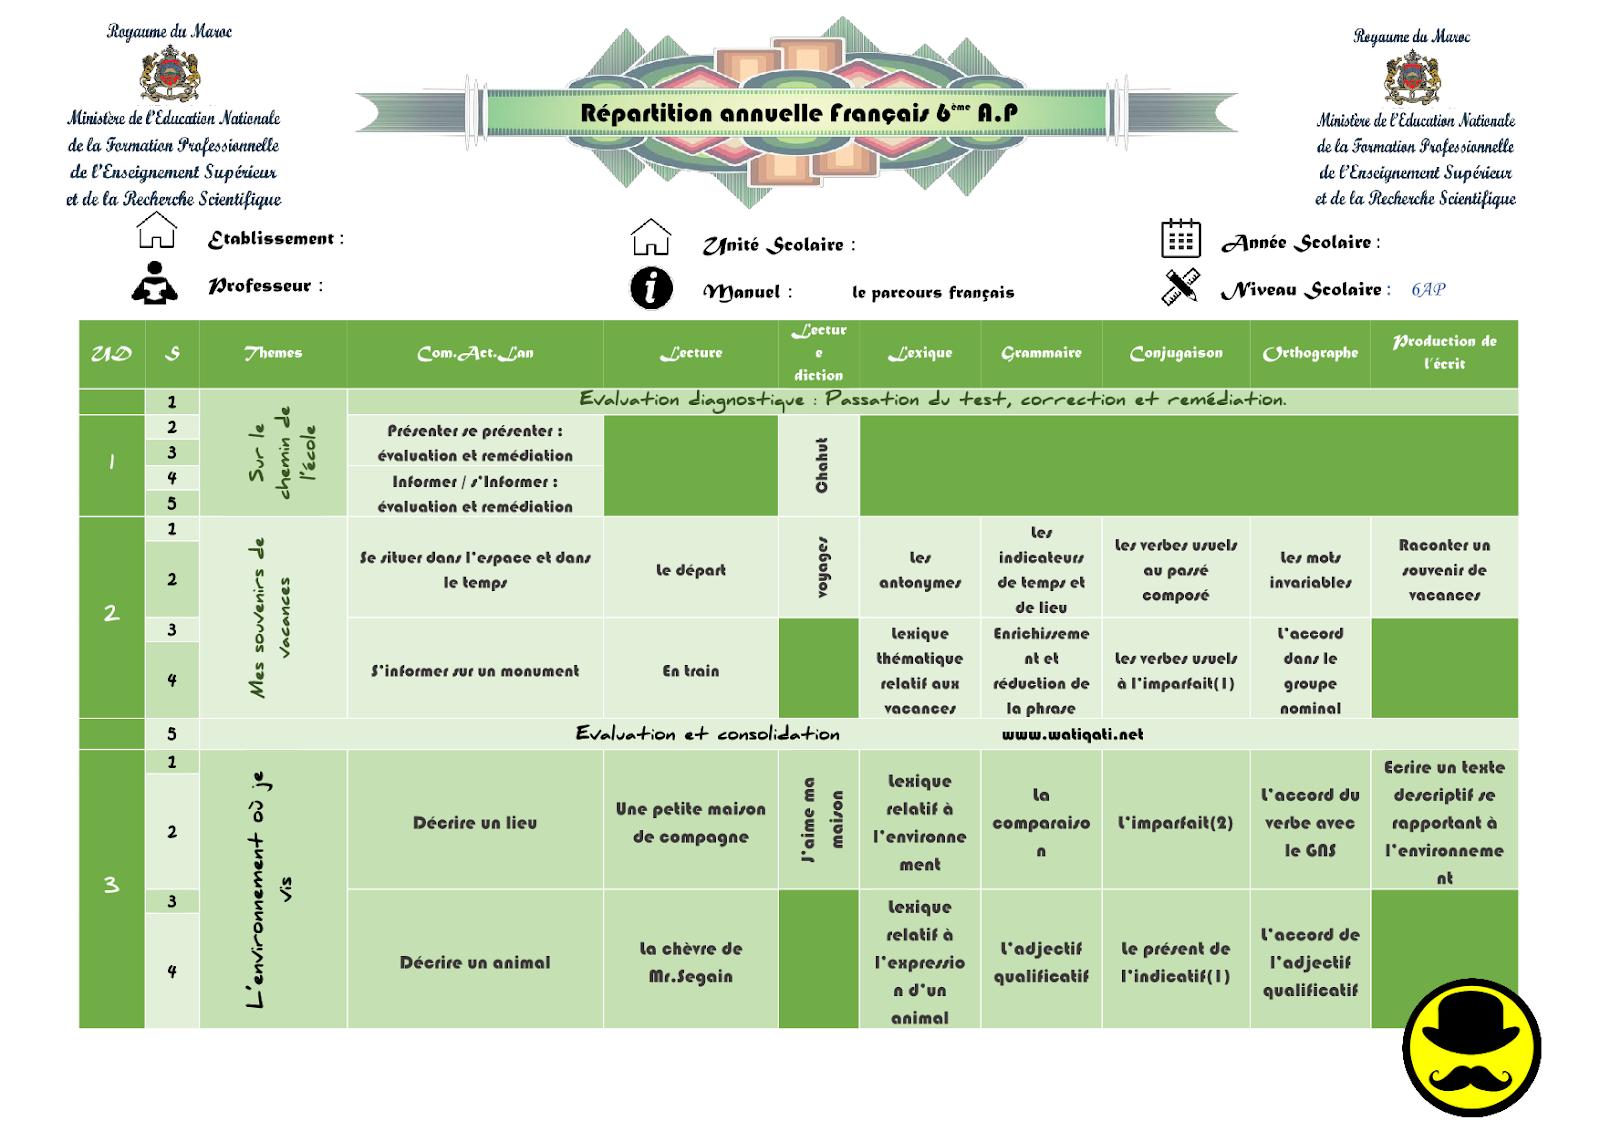 la planification annuelle - Parcours - 6ème année du primaire